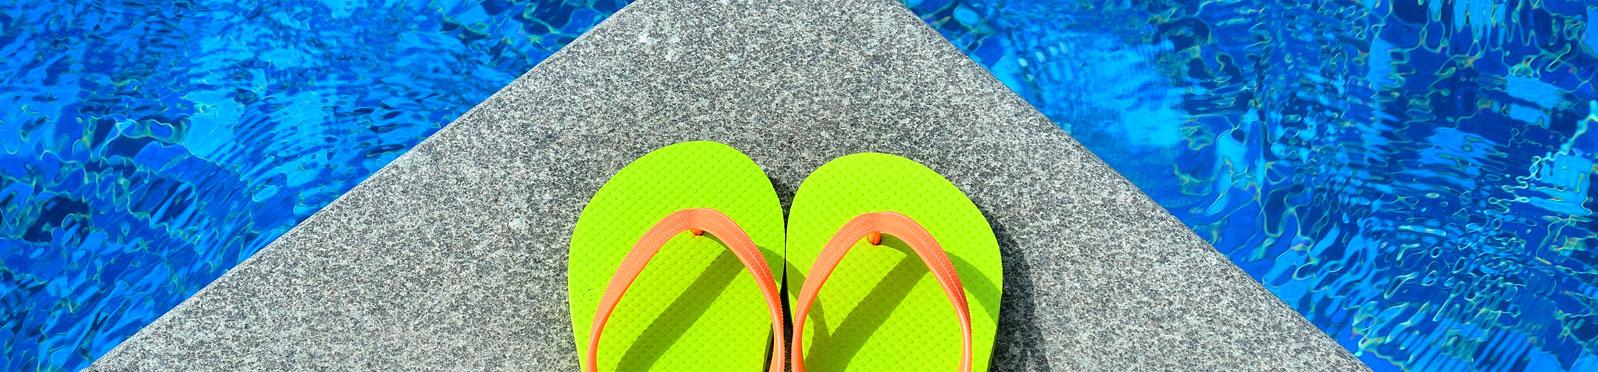 Sandles near pool